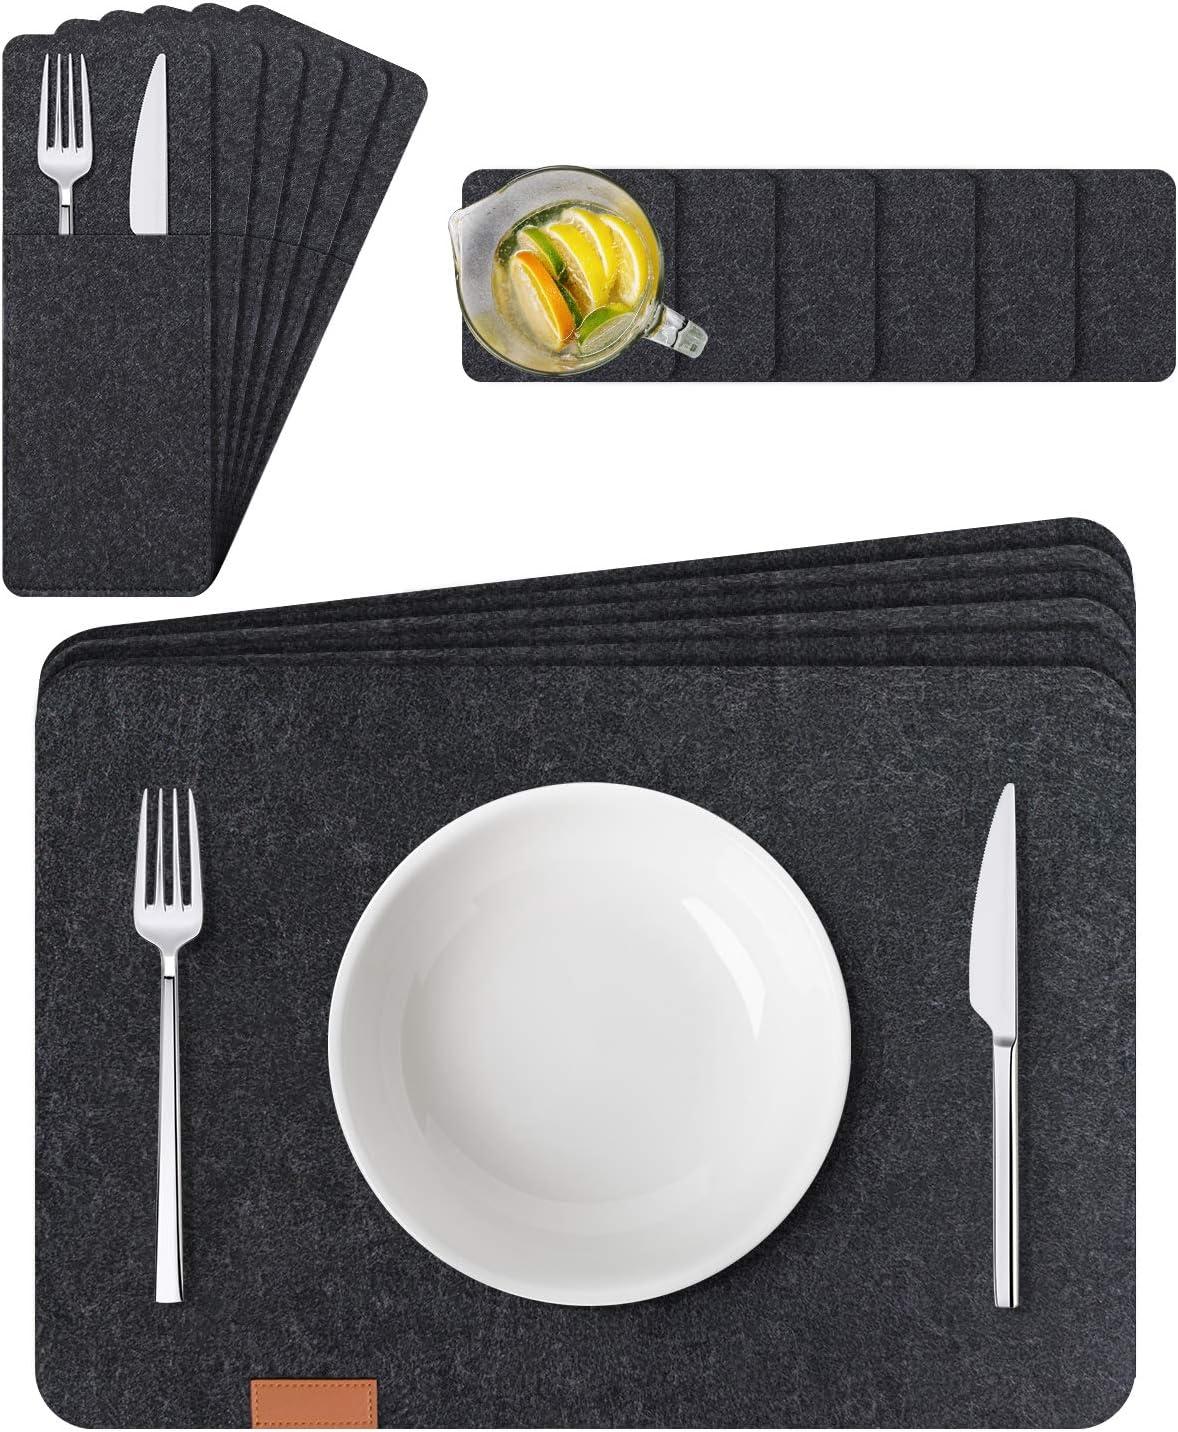 Manteles Individuales Lavables de Fieltro Juego de 6 – Incluidos Mantel Individual, Posavasos, Bolsas para Cubiertos – para la Mesa de Comedor de Cocina (Gris): Amazon.es: Hogar